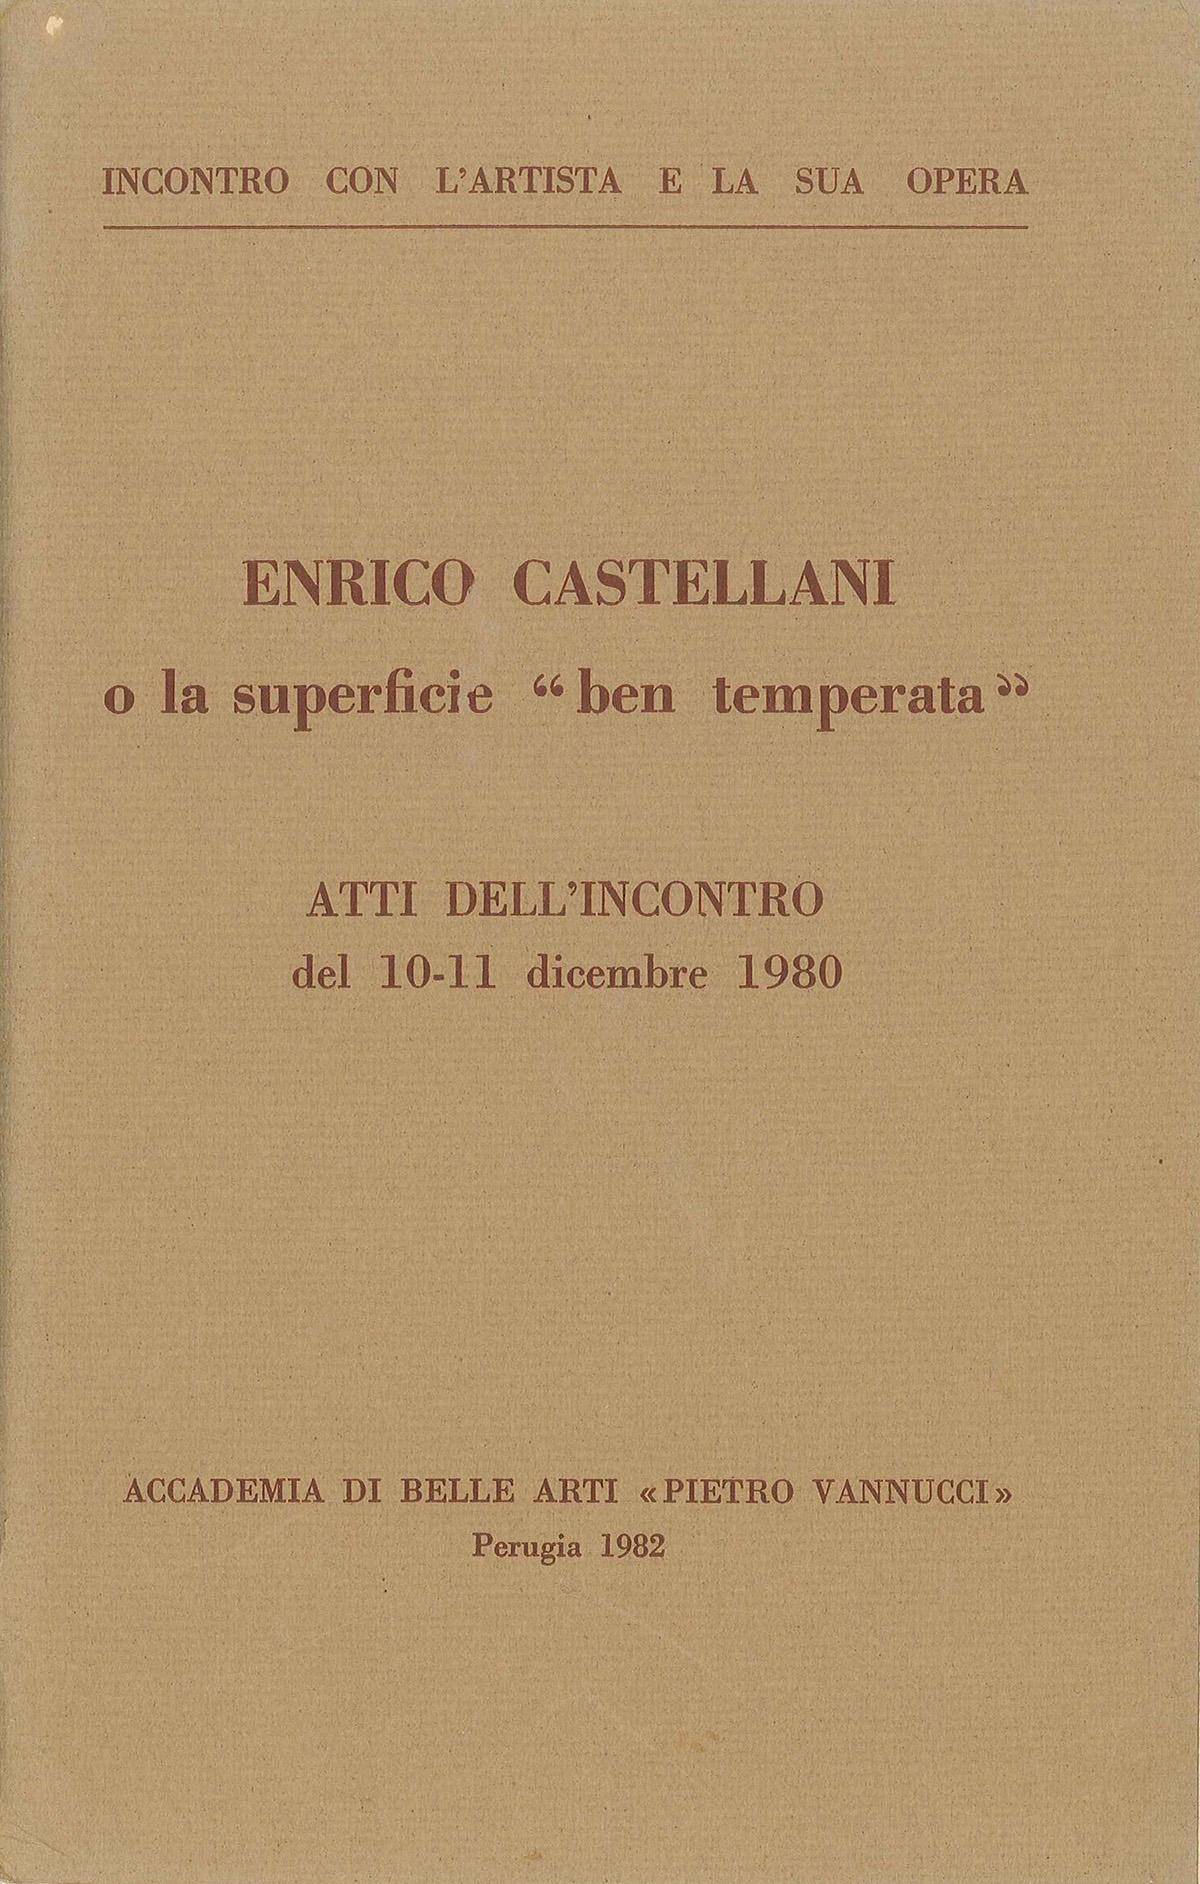 """Copertina - Enrico Castellani o la superficie """"ben temperata"""", 1982, Accademia di Belle Arti Pietro Vannucci, Perugia"""